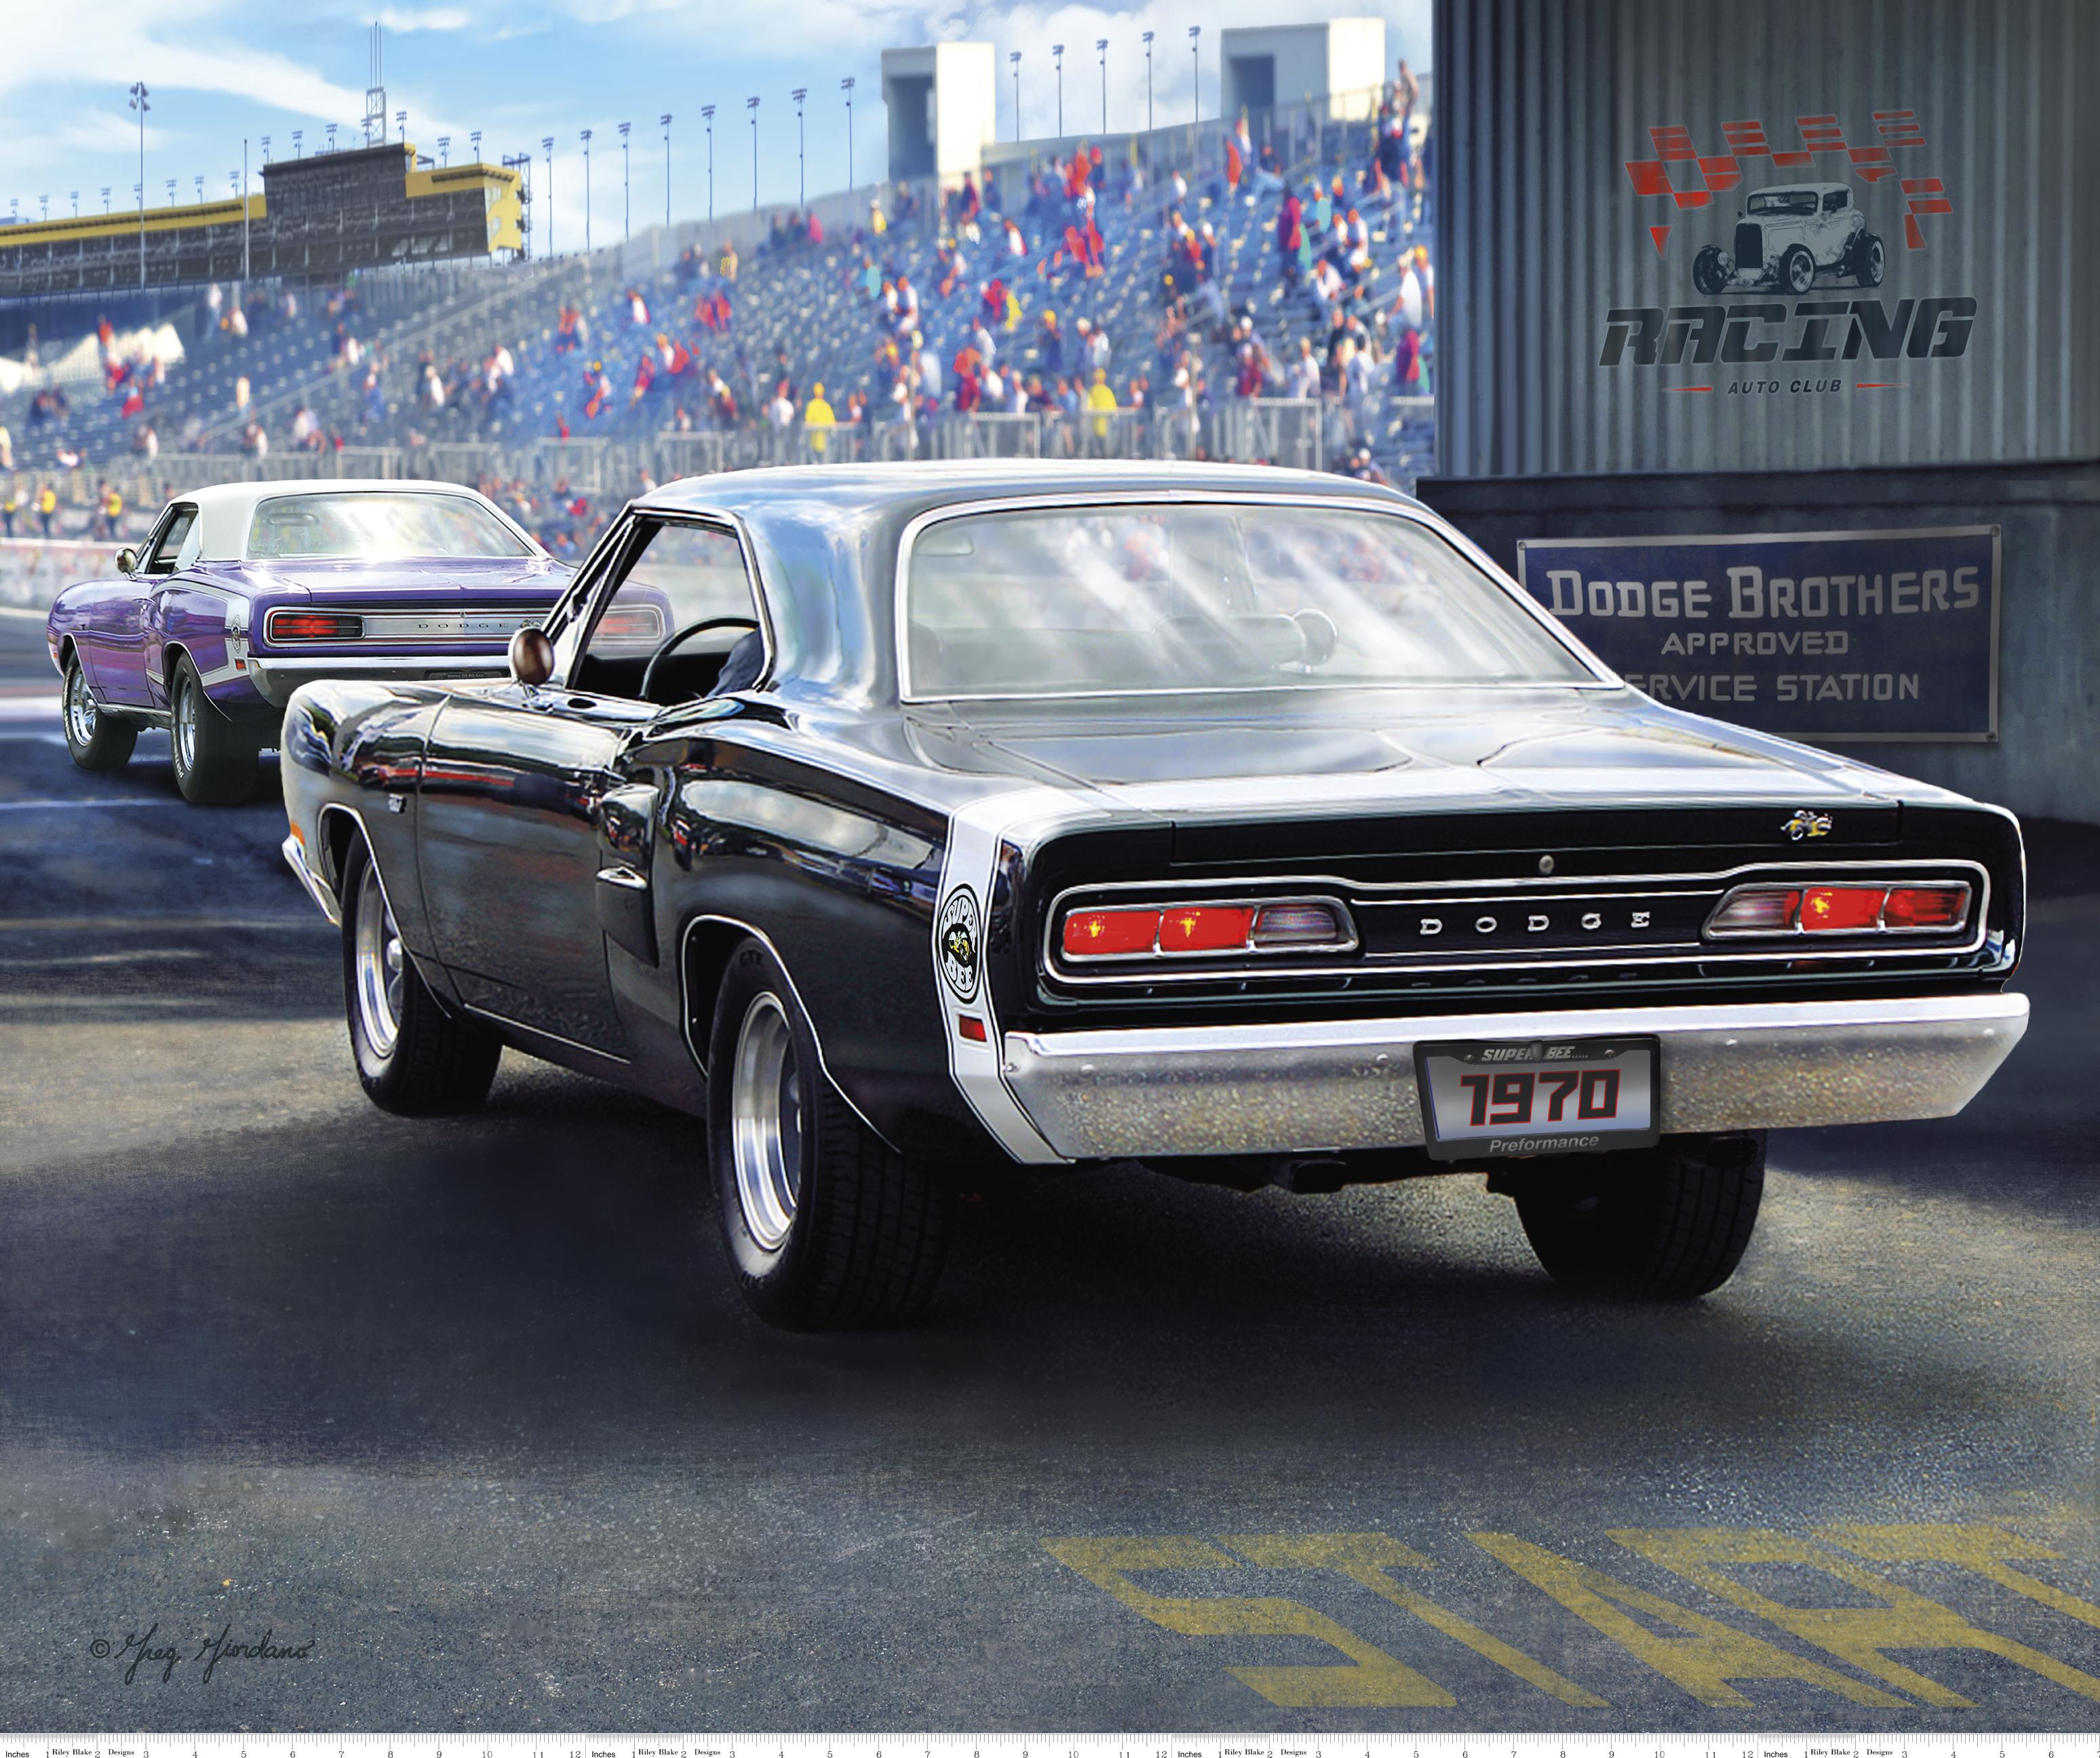 1970 Dodge Super Bee Panel